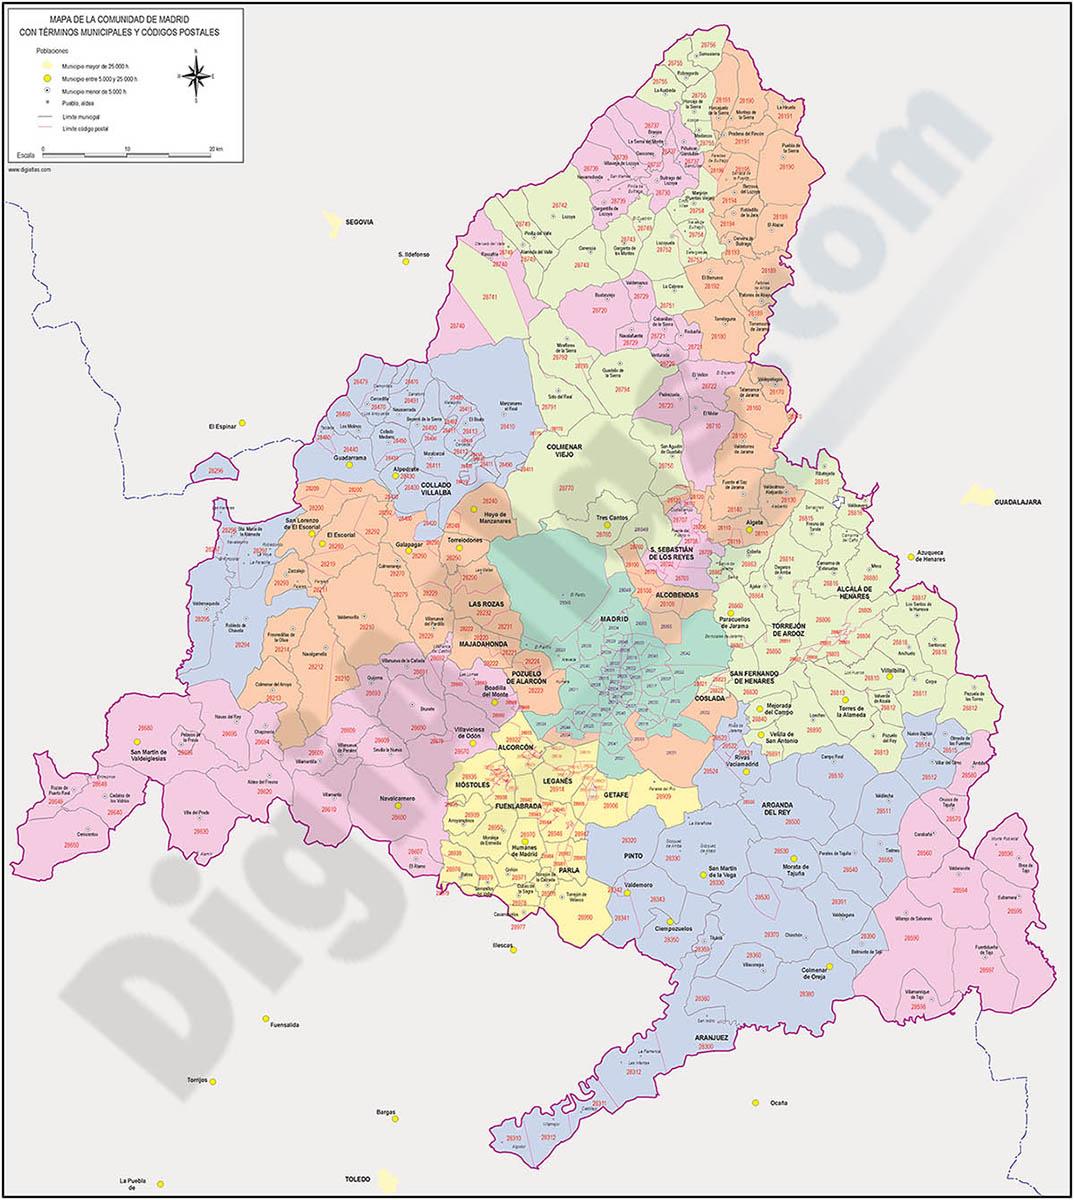 Madrid - mapa provincial con municipios y Códigos Postales en color